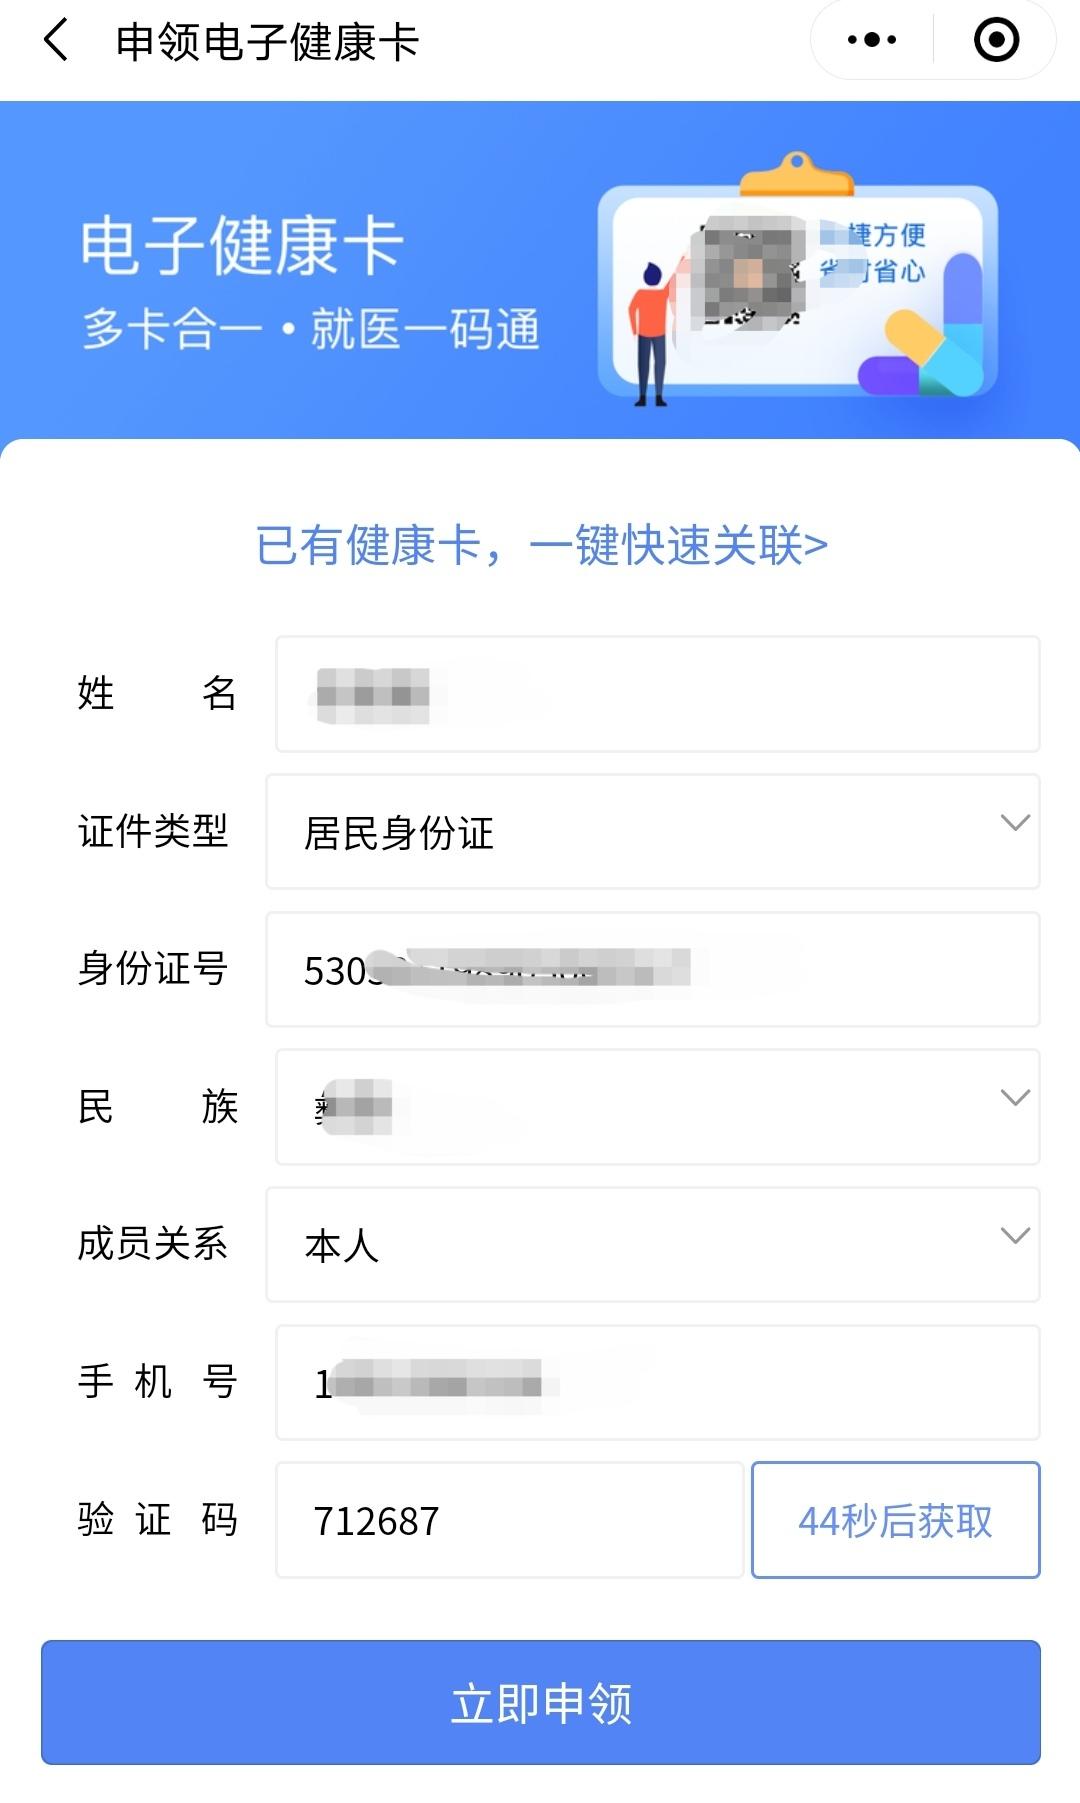 Screenshot_20210326_201730_com.tencent.mm_edit_48.jpg